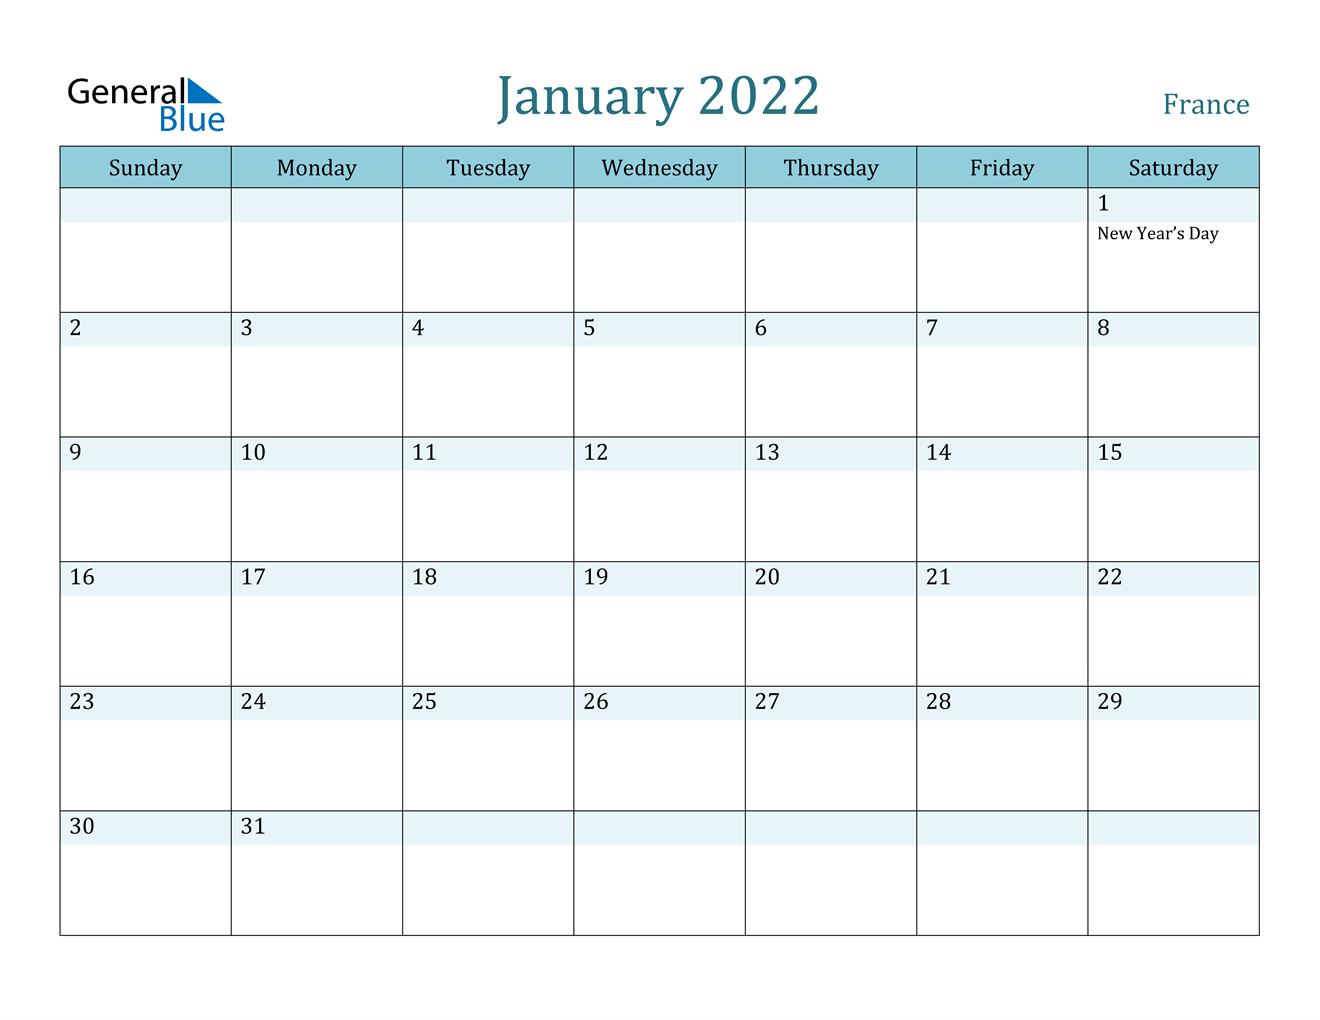 January 2022 Calendar - France